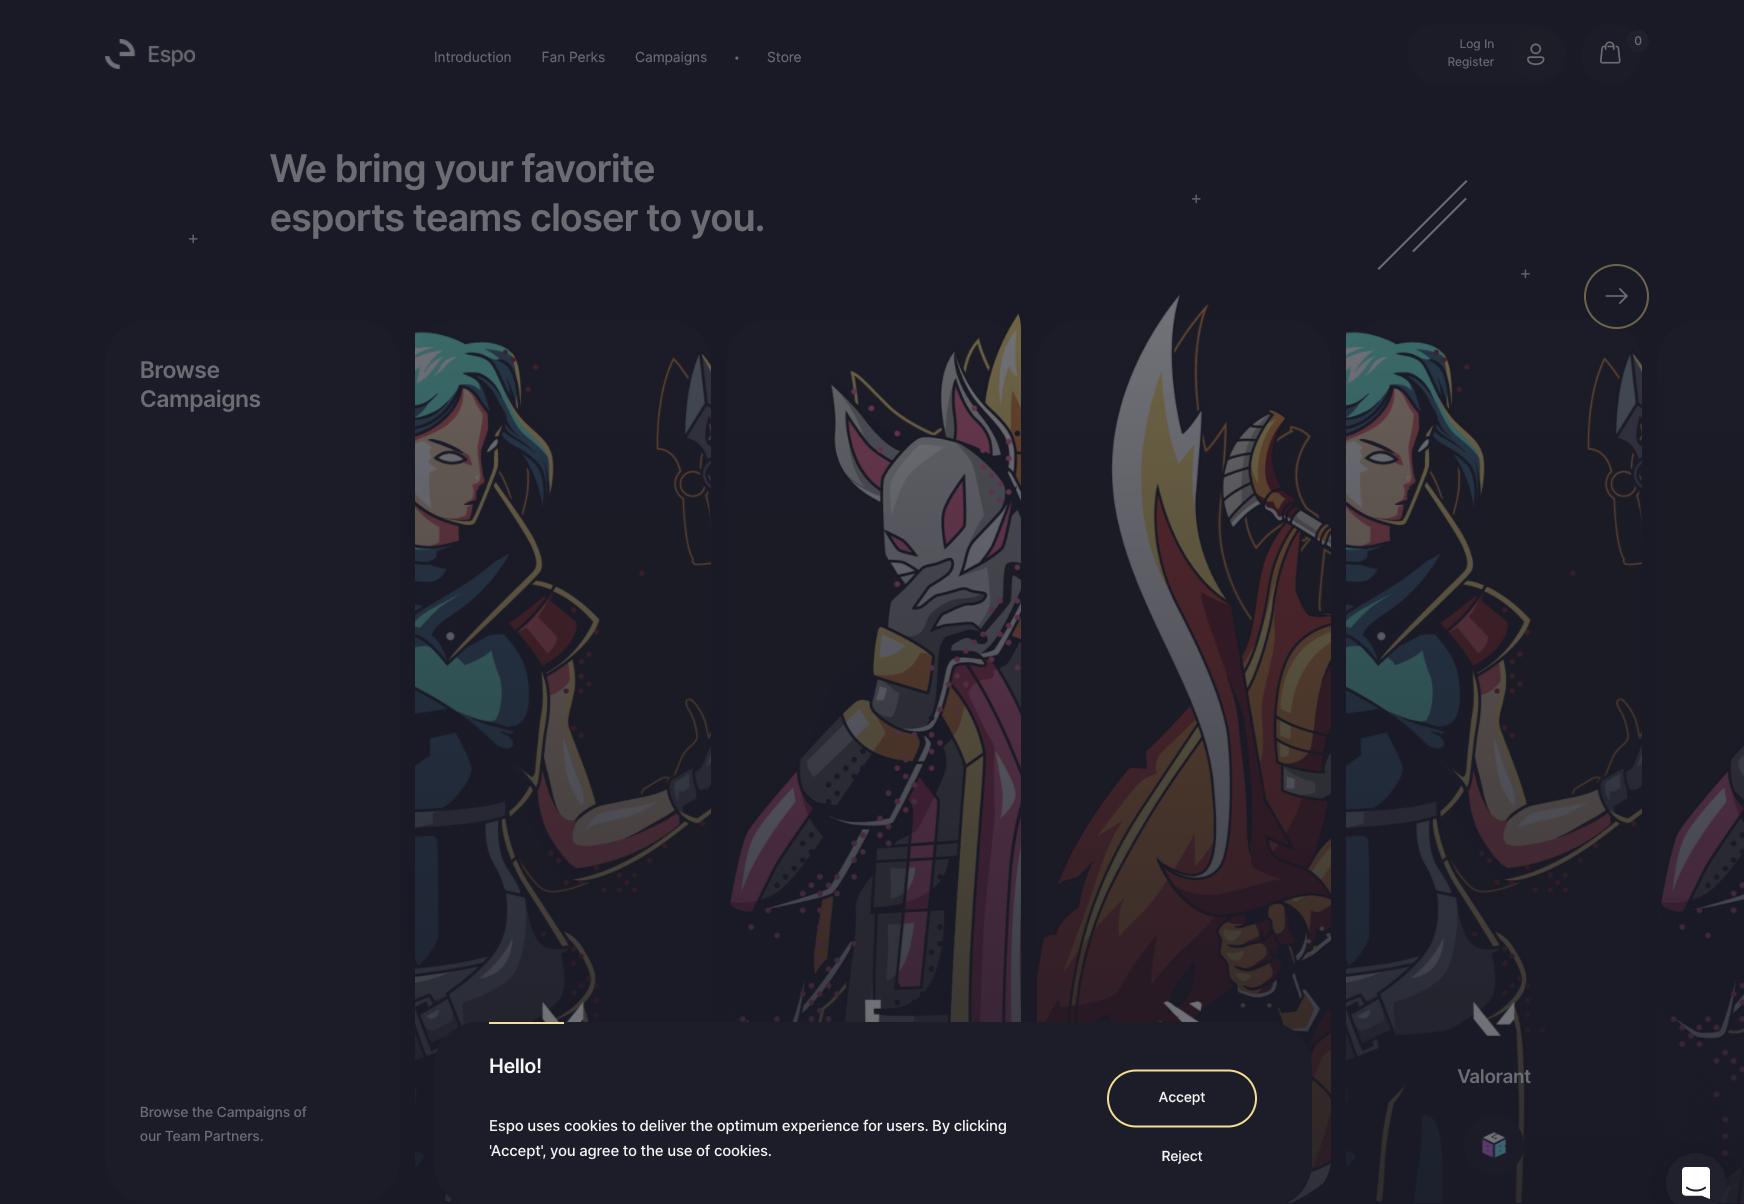 Espo.io launches 'fan engagement' platform